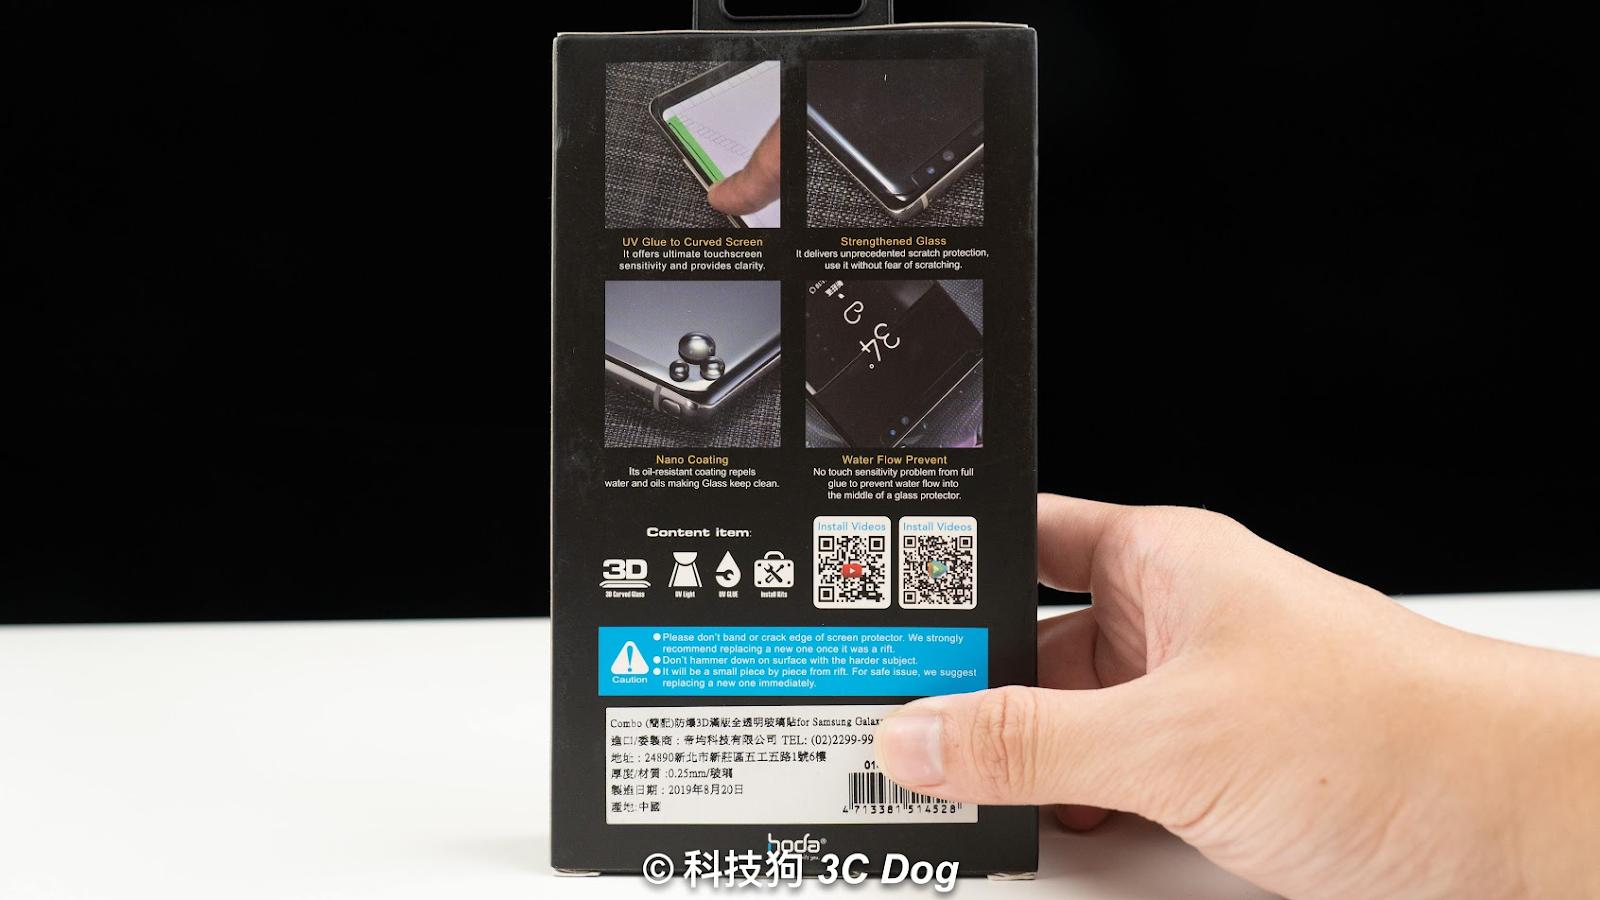 華為 Mate30 Pro 曲面螢幕和圓形鏡怎麼保護?hoda 藍寶石鏡頭保護貼、柔石軍規防摔保護殼兼容 3D 防爆 9H 鋼化玻璃保護貼 三體合一